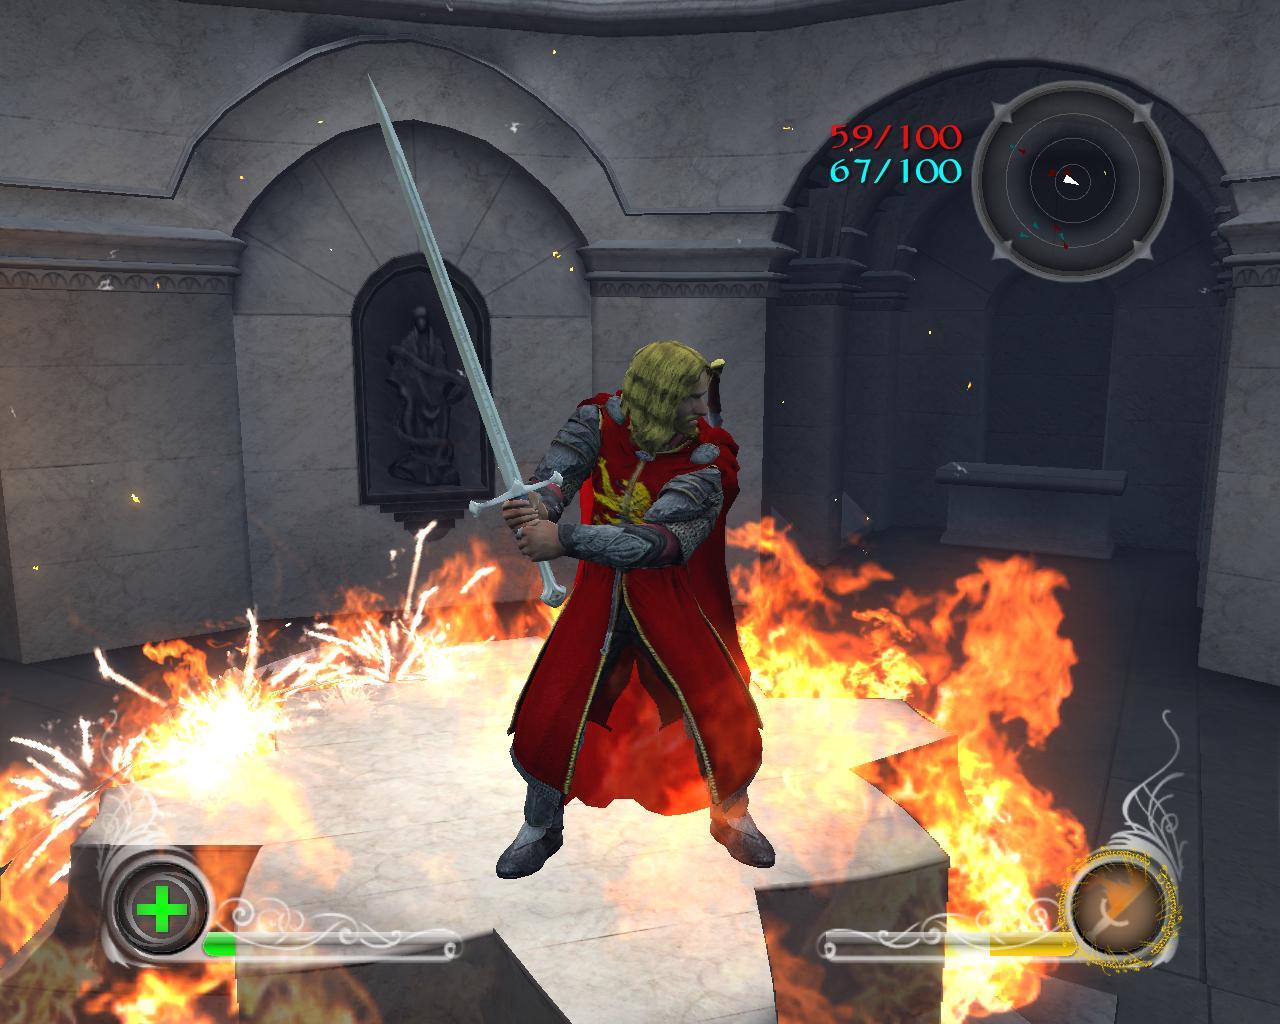 The lord of the rings: conquest/властелин колец: противостояние.